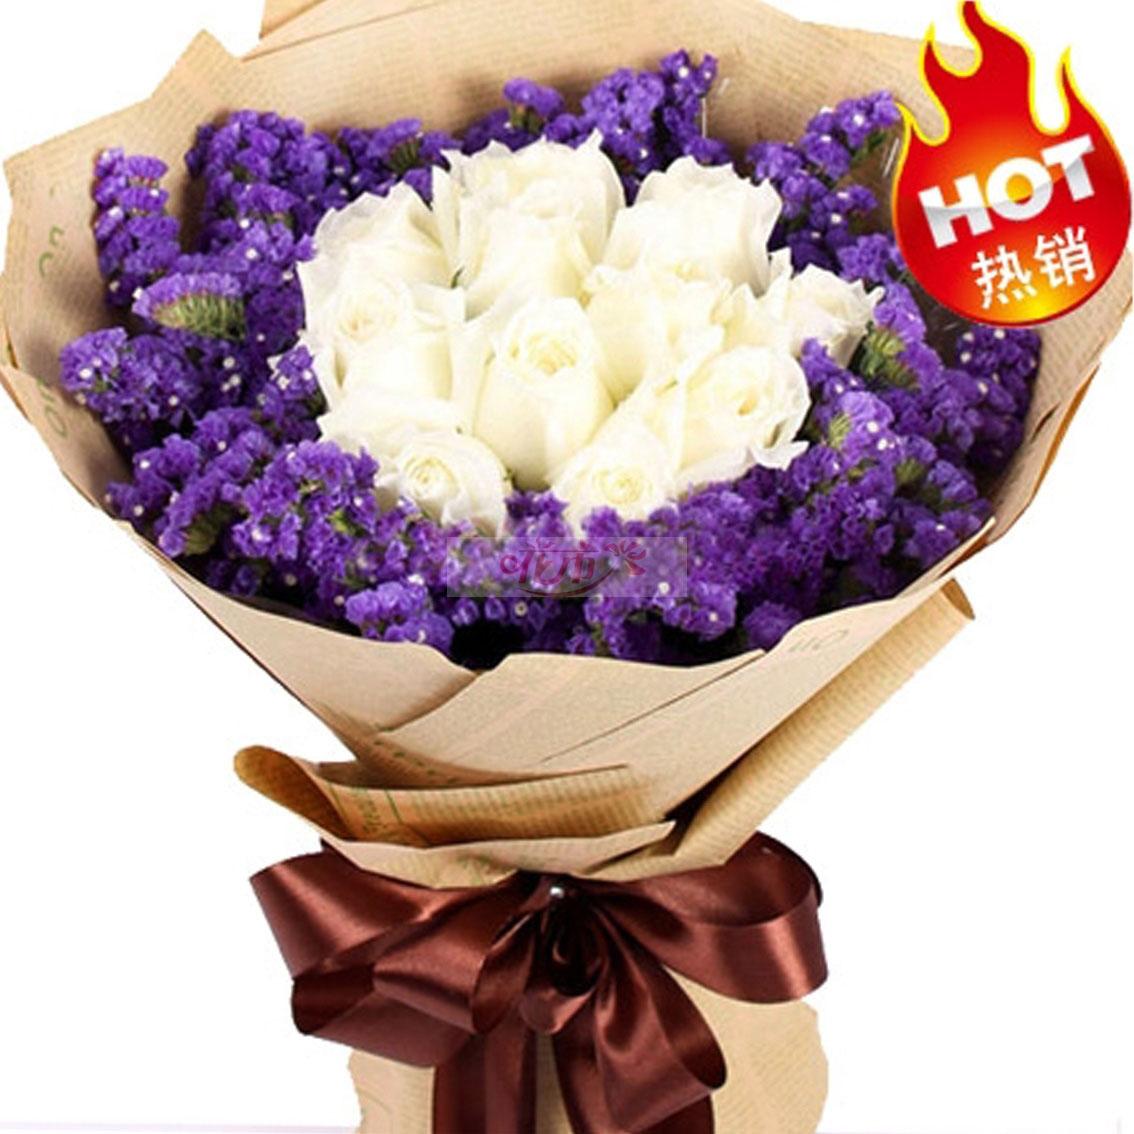 不同关系的人生日送花有什么讲究